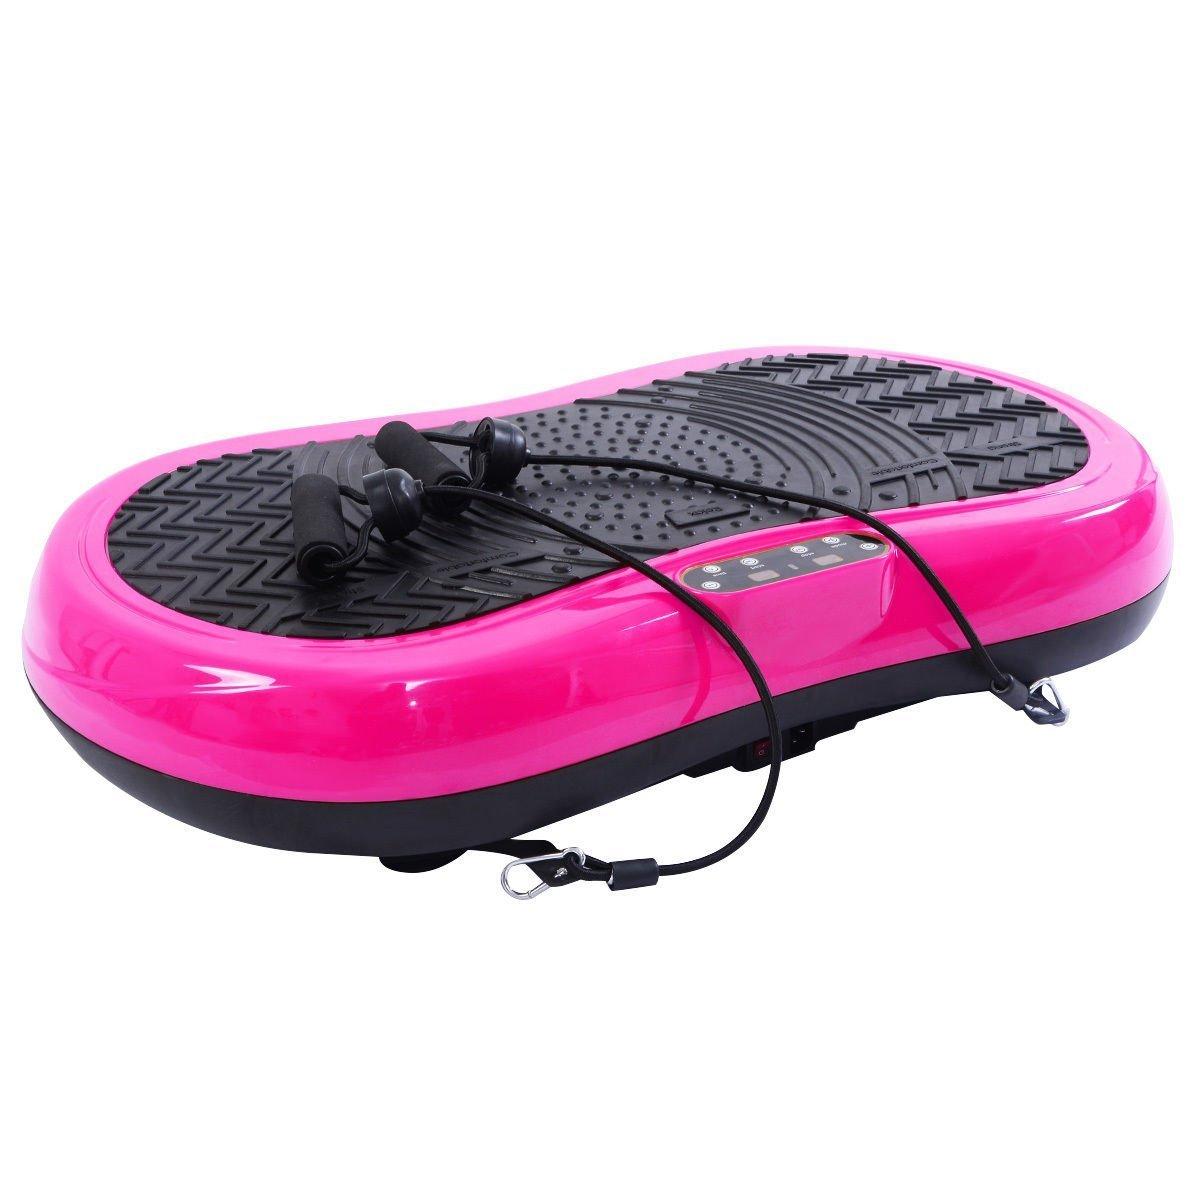 Tangkula Ultrathin Mini Crazy Fit Vibration Platform Massage Machine Fitness Gym (Pink)